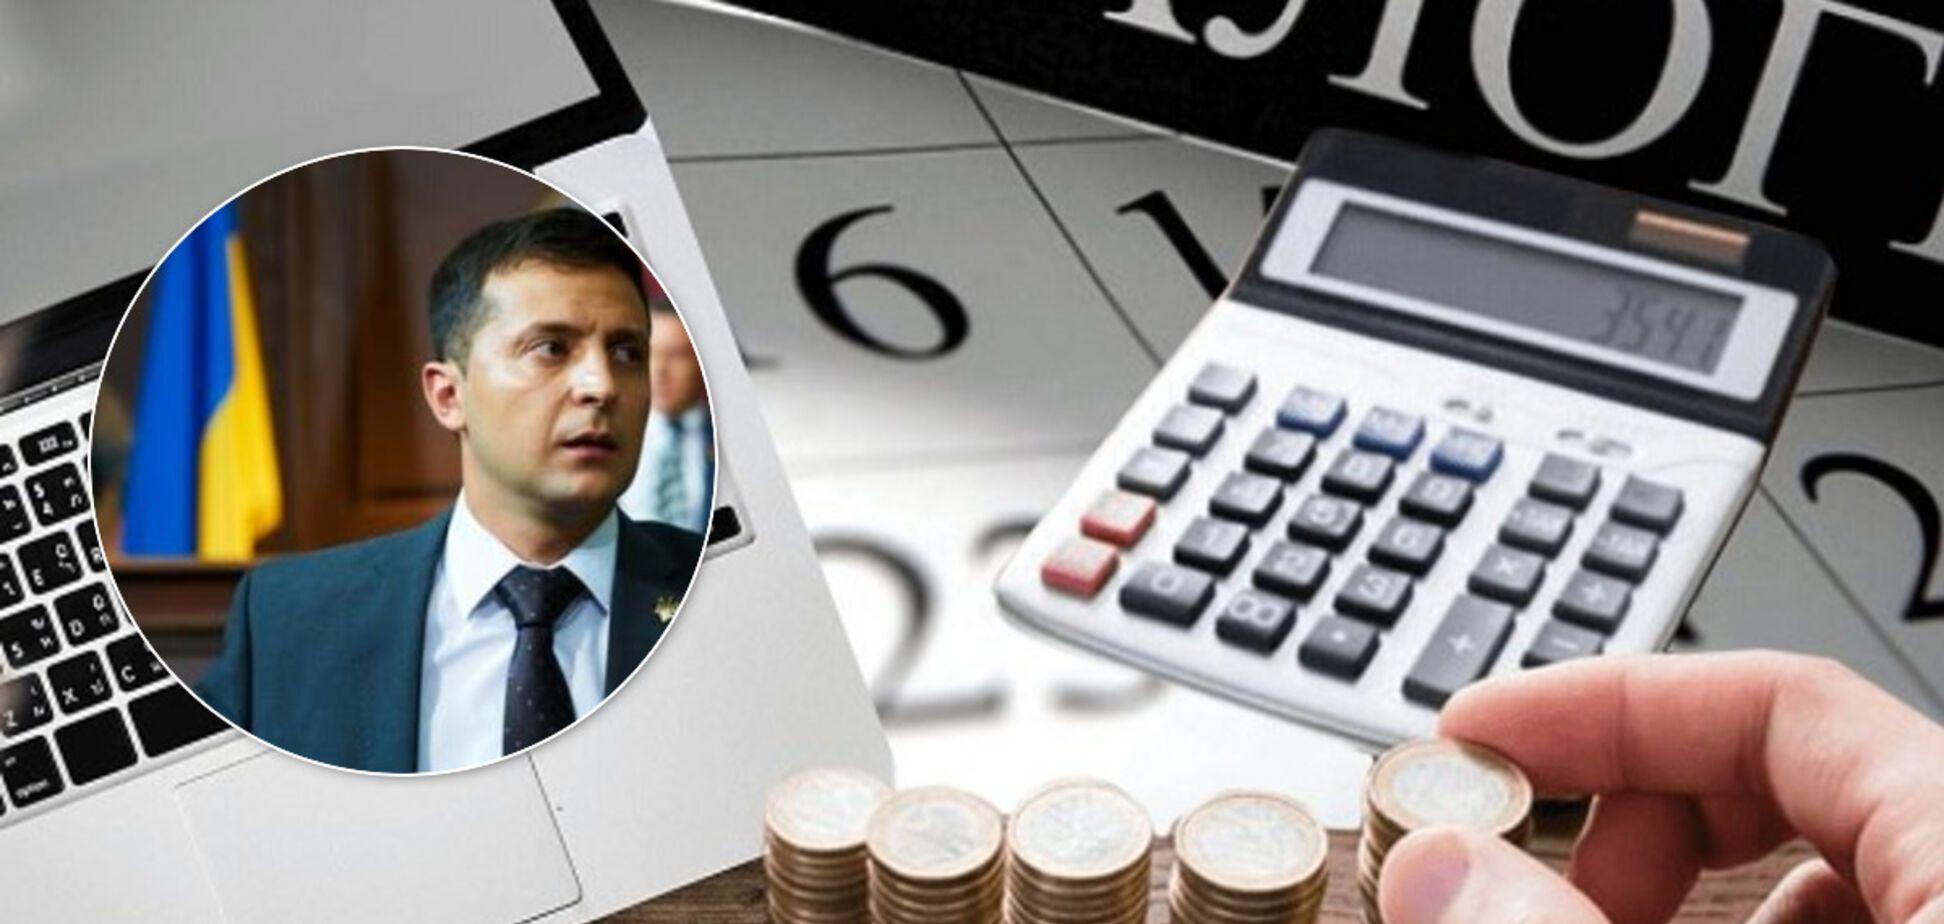 Украинцы заплатят новые налоги, а ставки изменятся: новая реформа коснется каждого